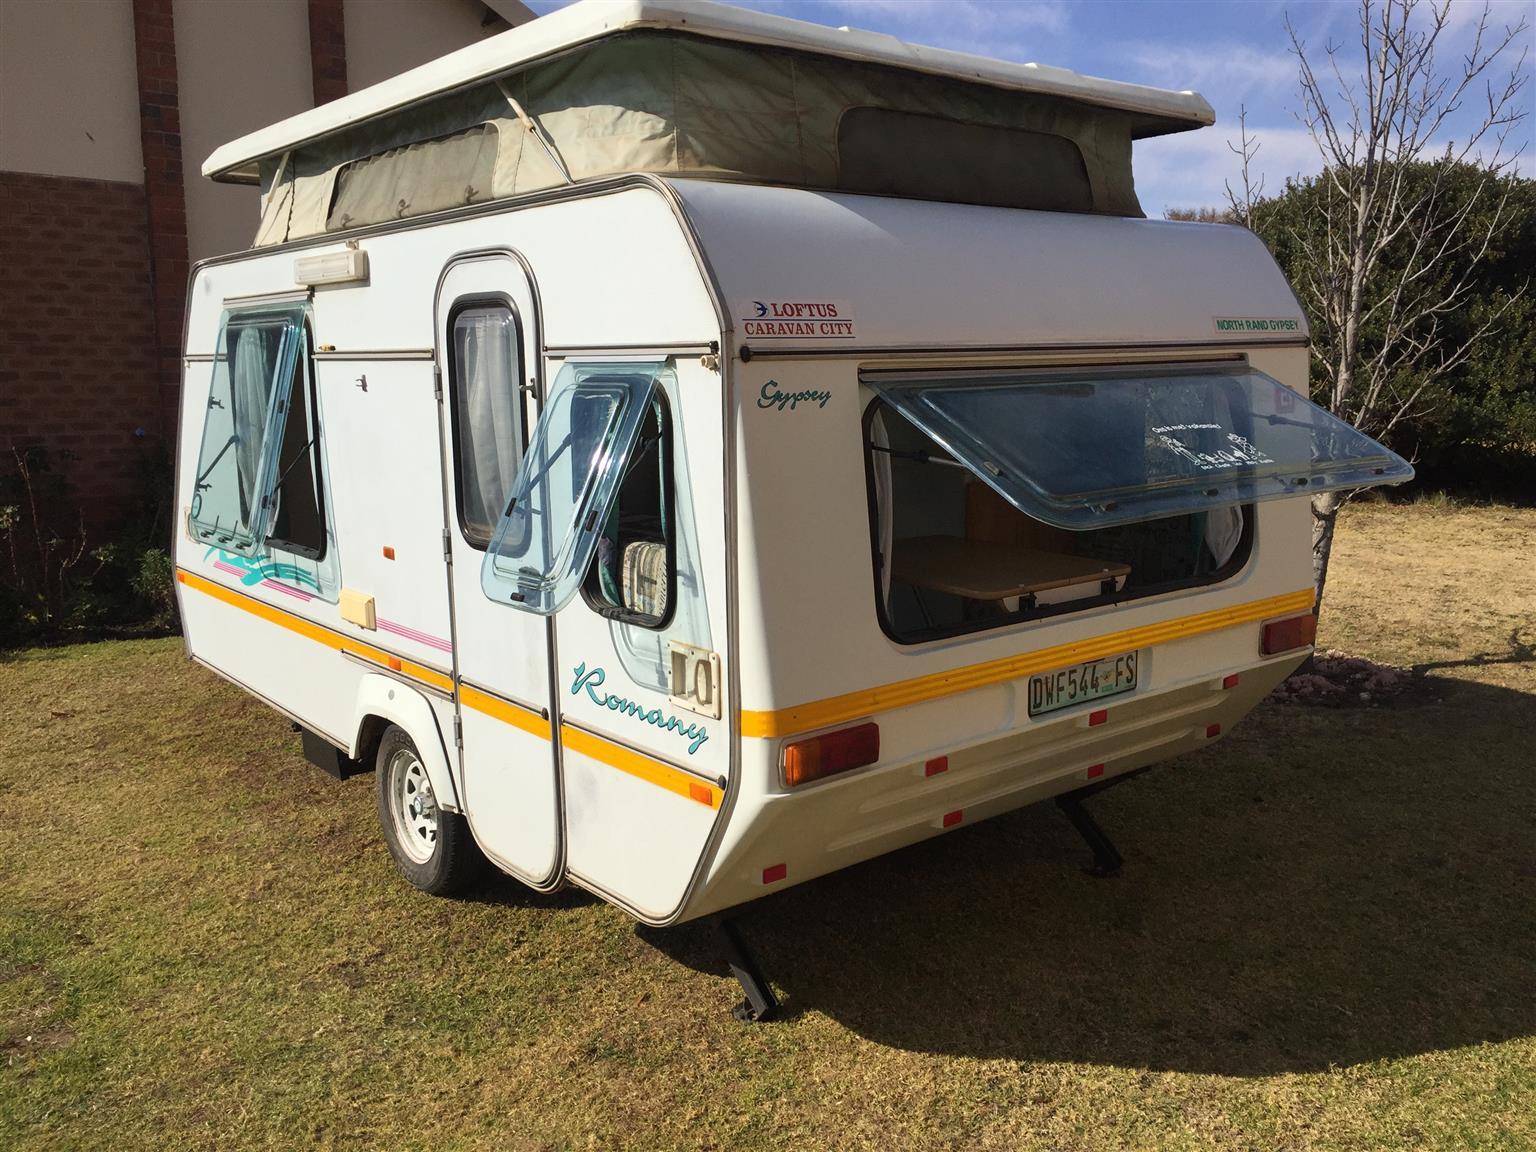 1996 Gypsy Romany Caravan